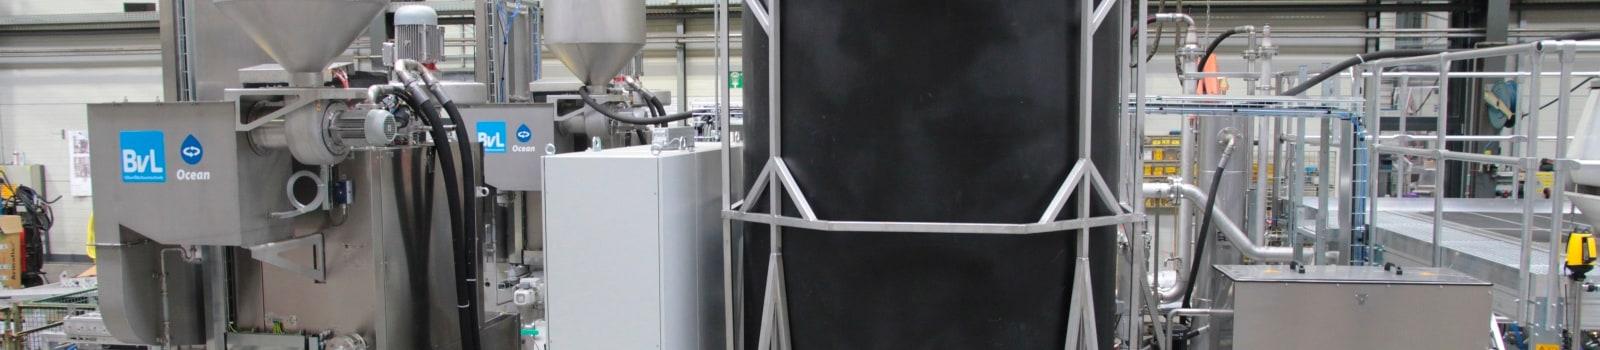 Zentralversorgungsanlage mit Dampfkondensator, Plattenphasentrenner und Plattenwärmetauscher